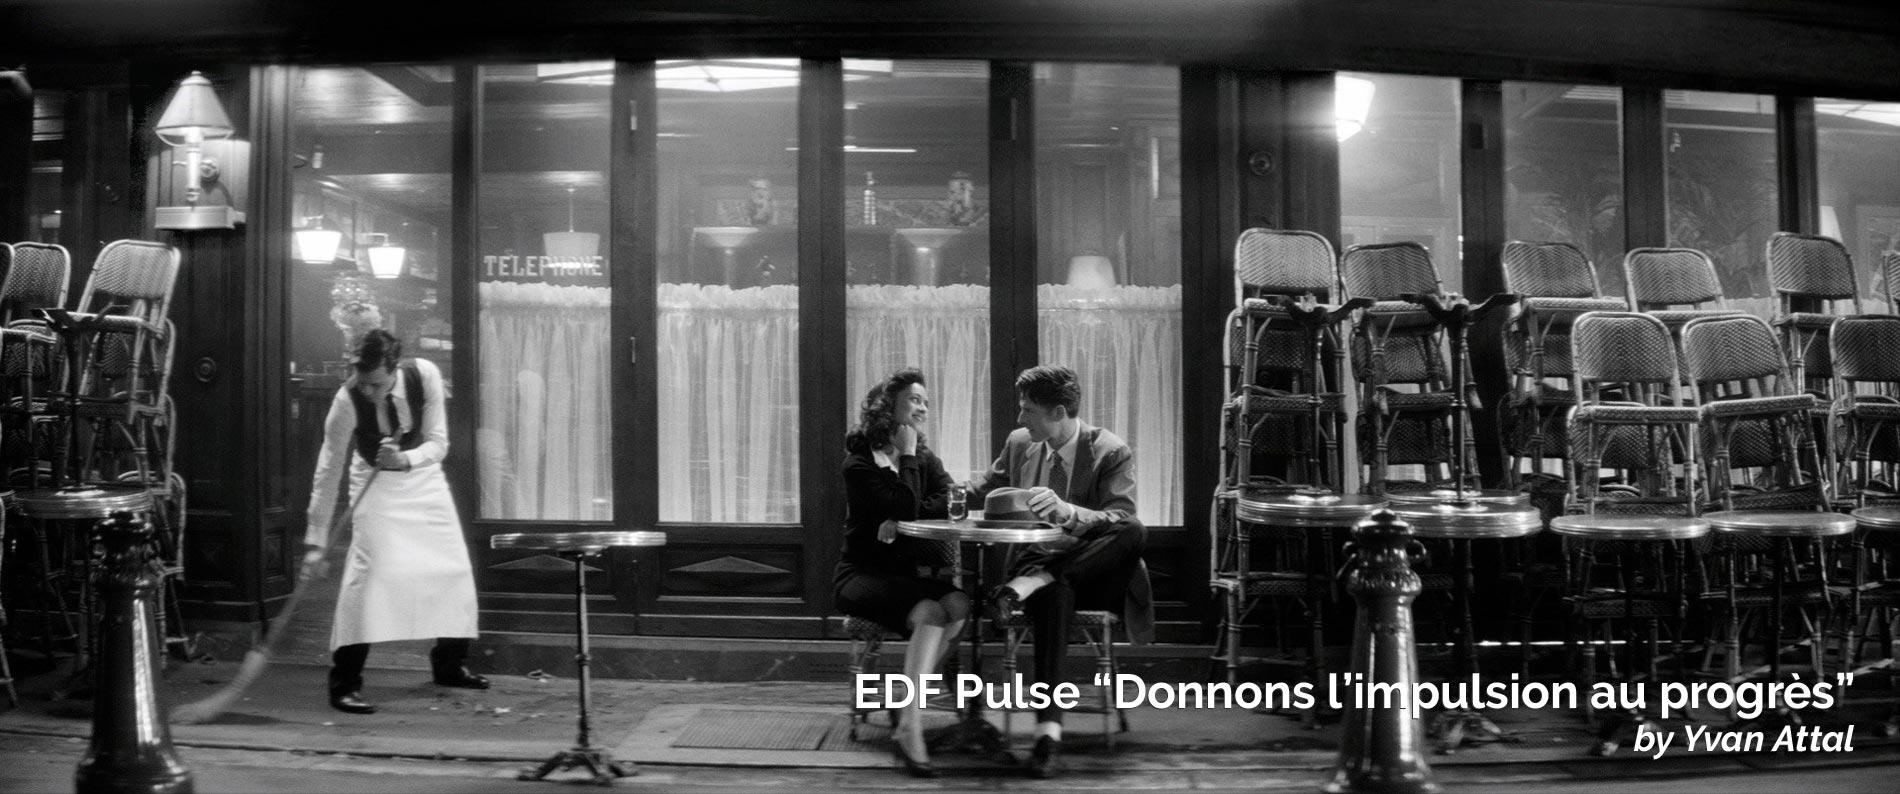 EDF Pulse - Donnons l'impulsion au progrès